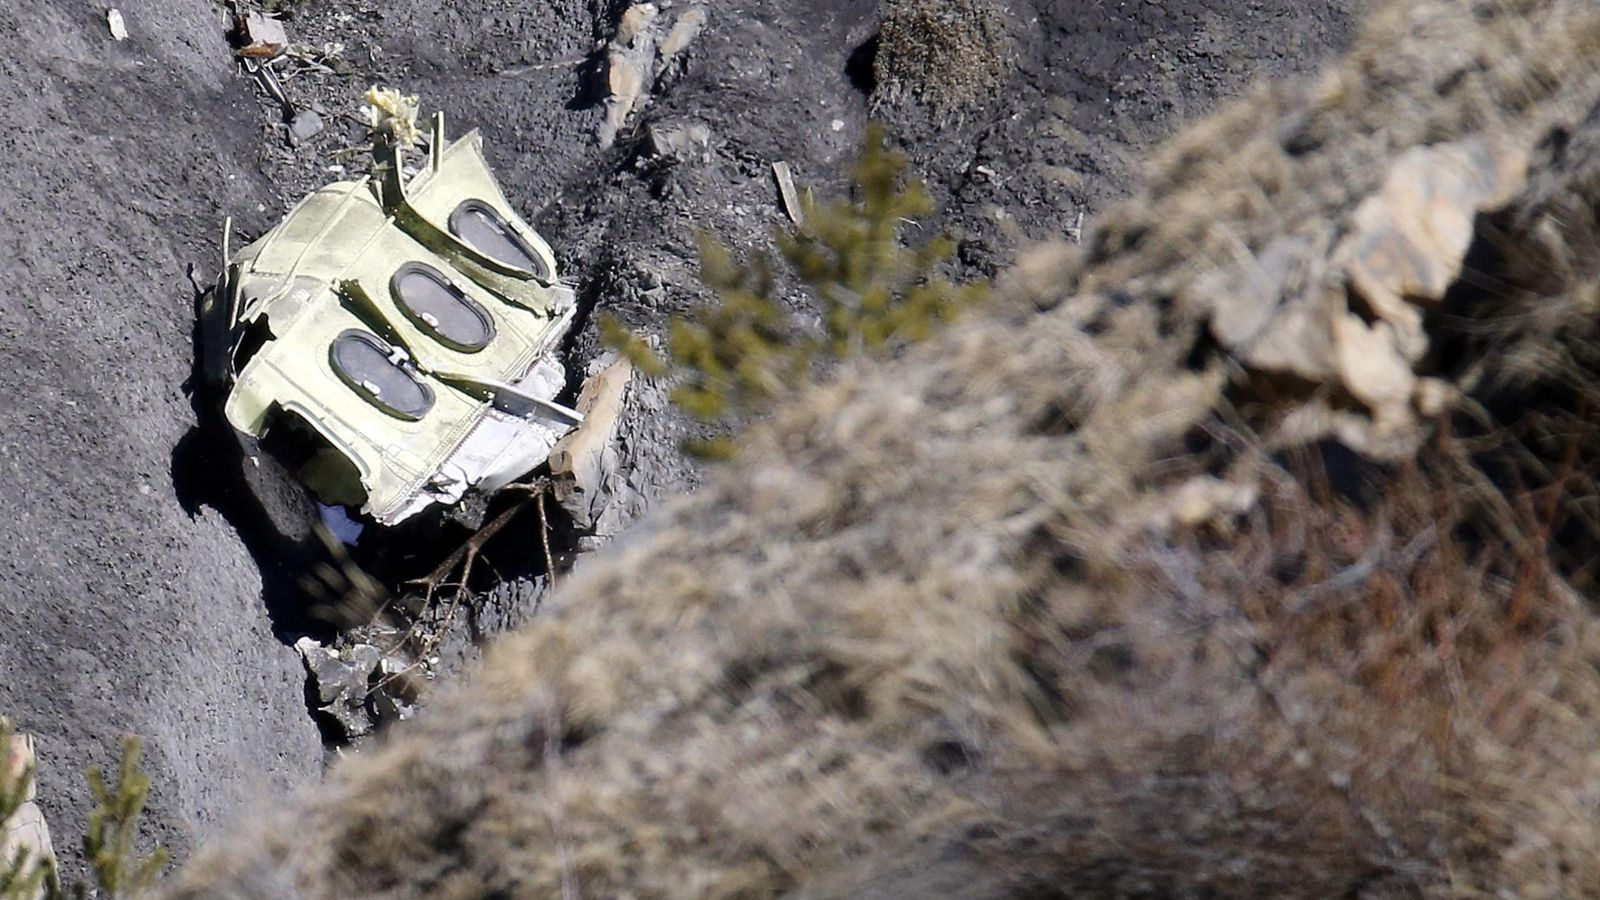 Foto: Parte del avión siniestrado en los Alpes, Francia. (Reuters)